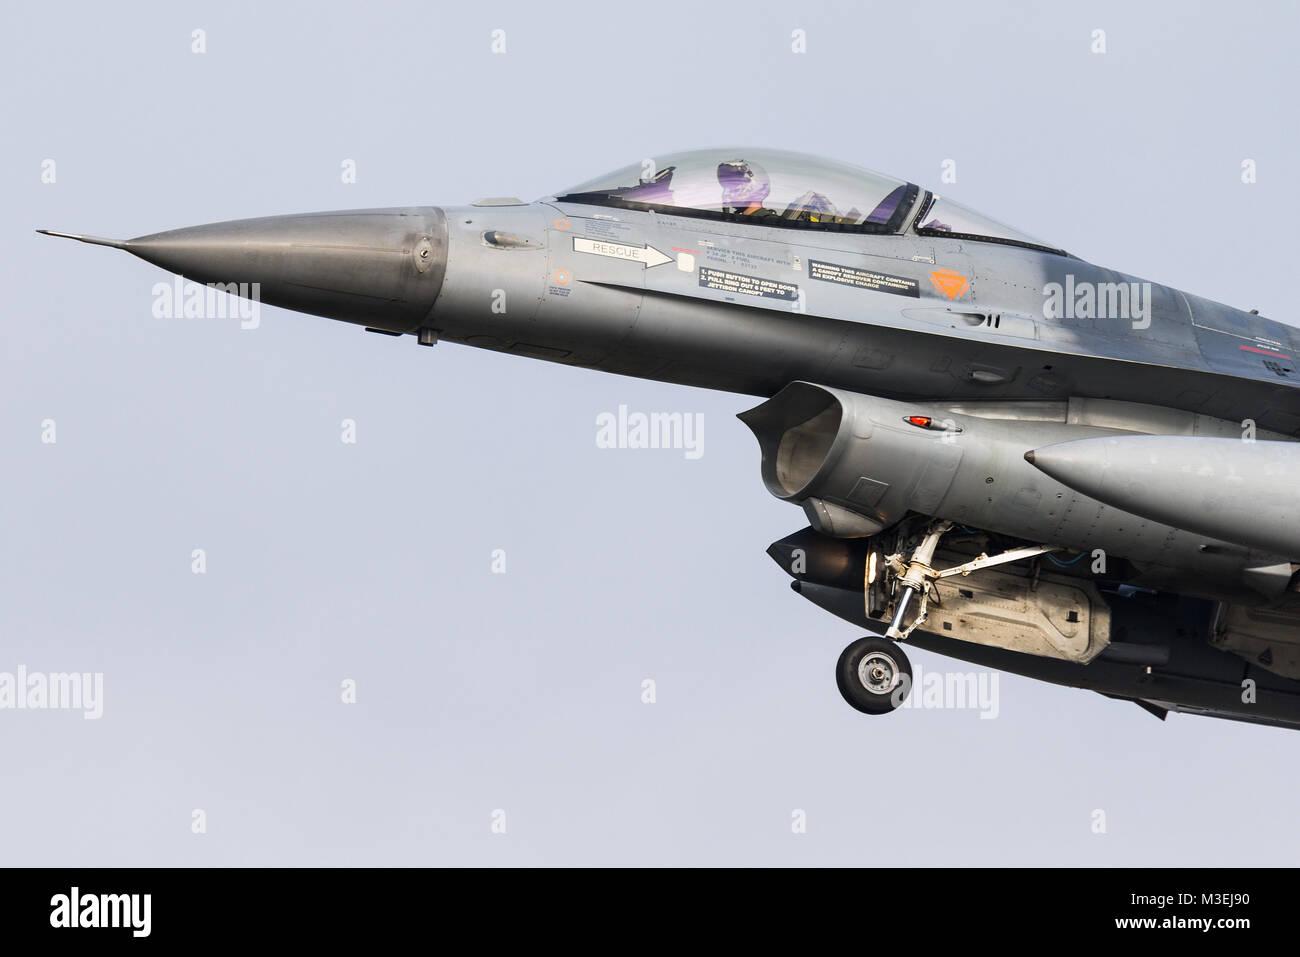 Un avion de chasse F-16 de la Force Aérienne Belge est prêt à atterrir sur la base aérienne de Kleine Brogel en Belgique. Banque D'Images